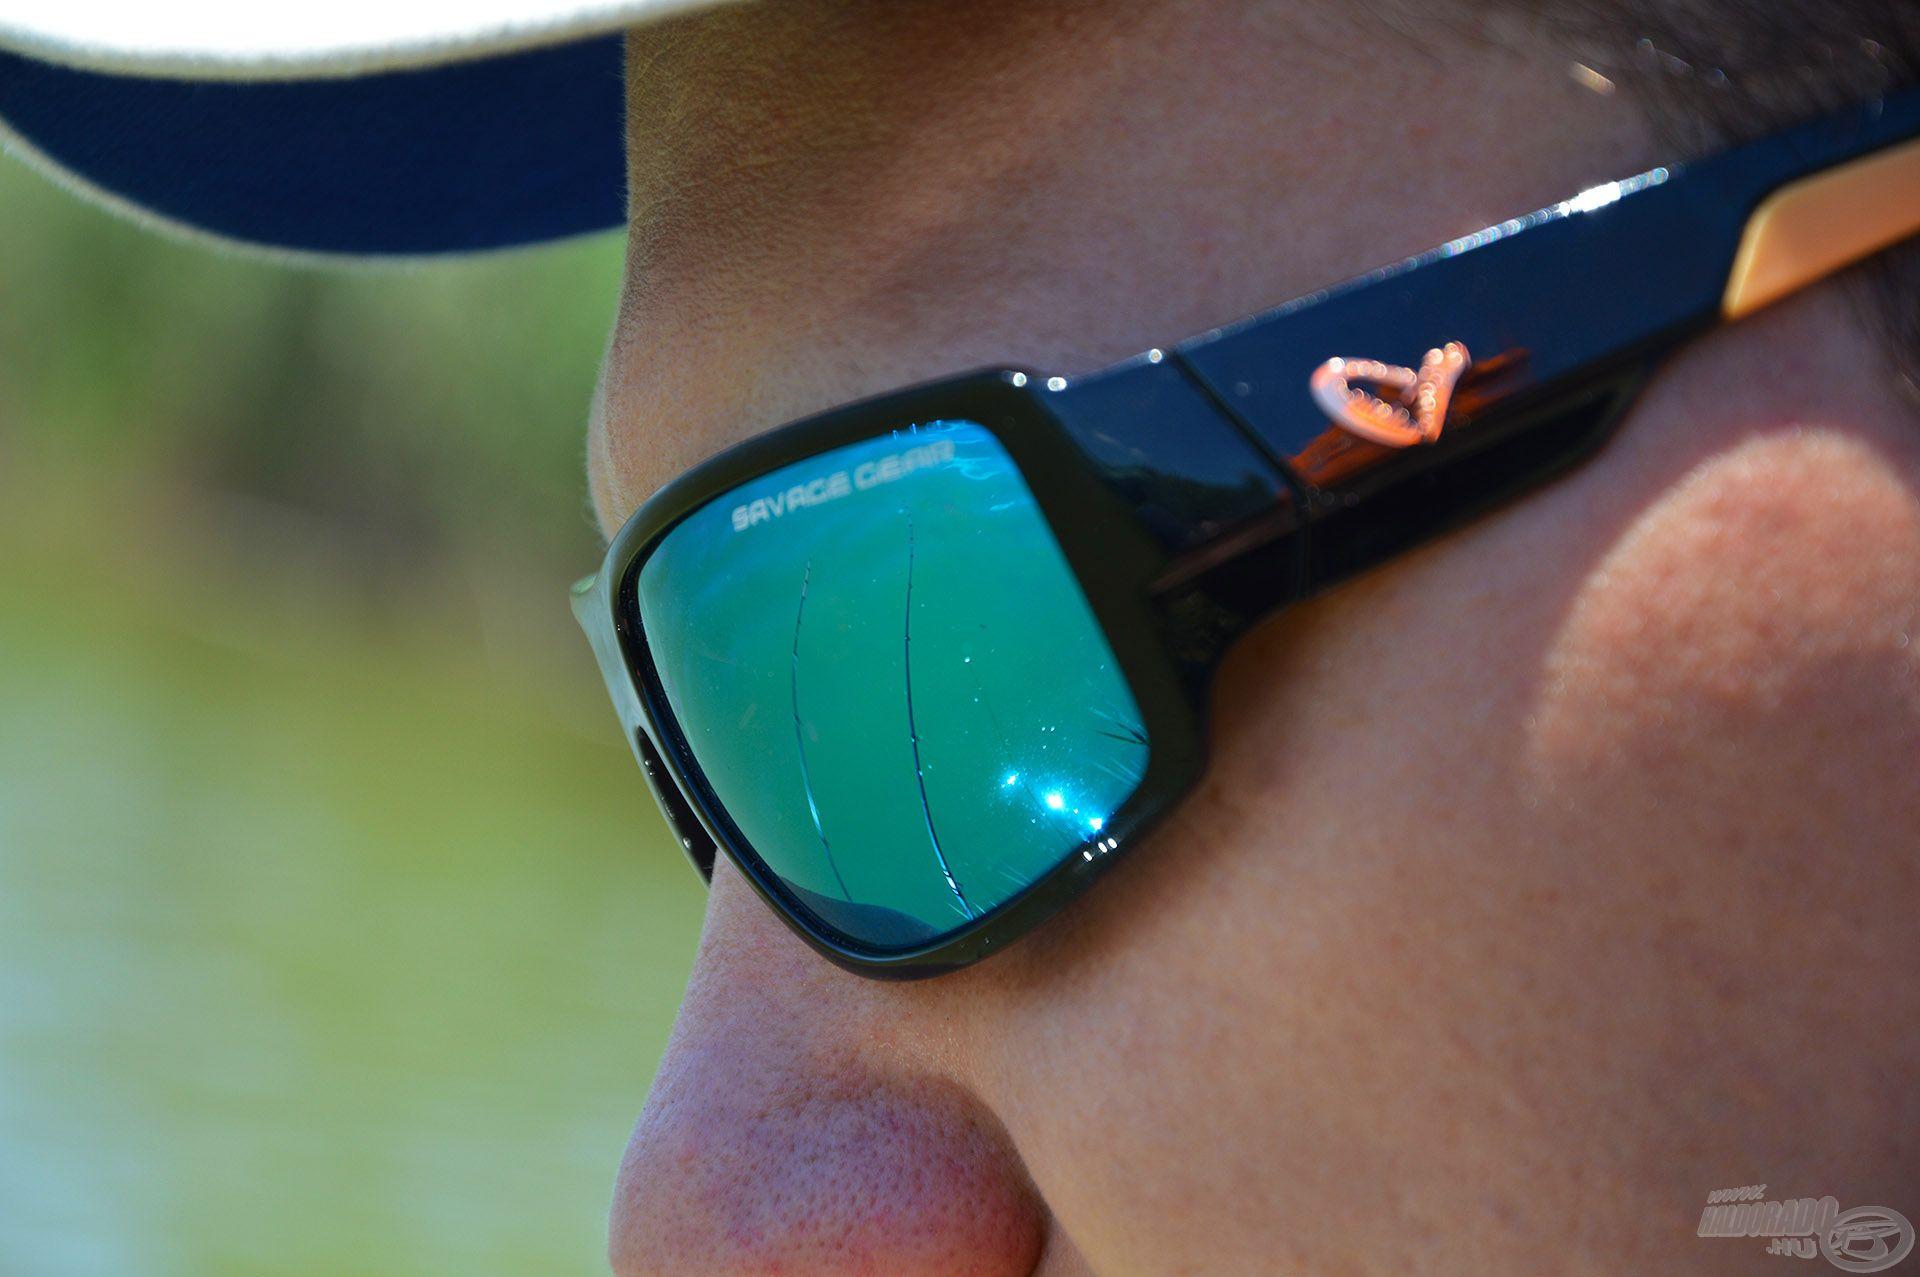 Az erős nyári napsütésben nemcsak kellemesebb, hanem biztonságosabb is napszemüveg mögül fürkészni a spicceket!